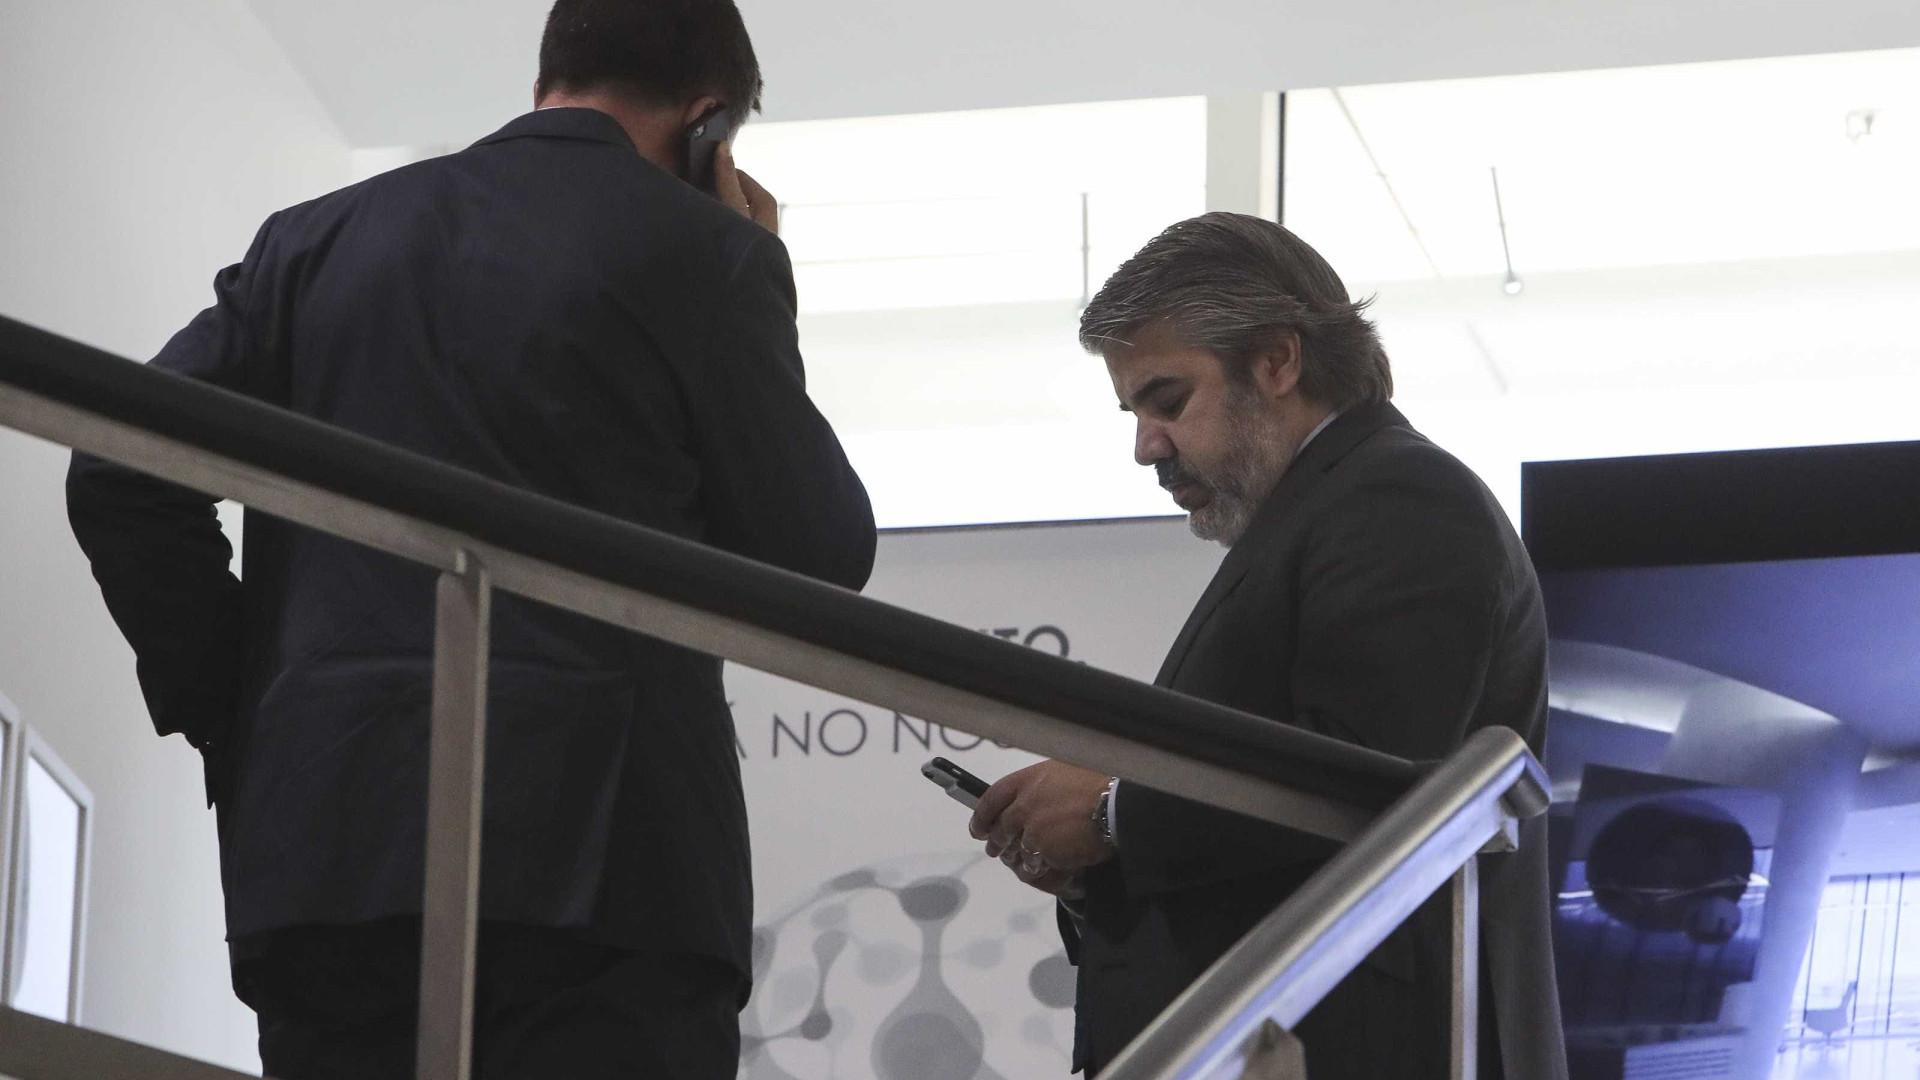 E-toupeira: Terminou o inquérito e arguidos ficaram em silêncio